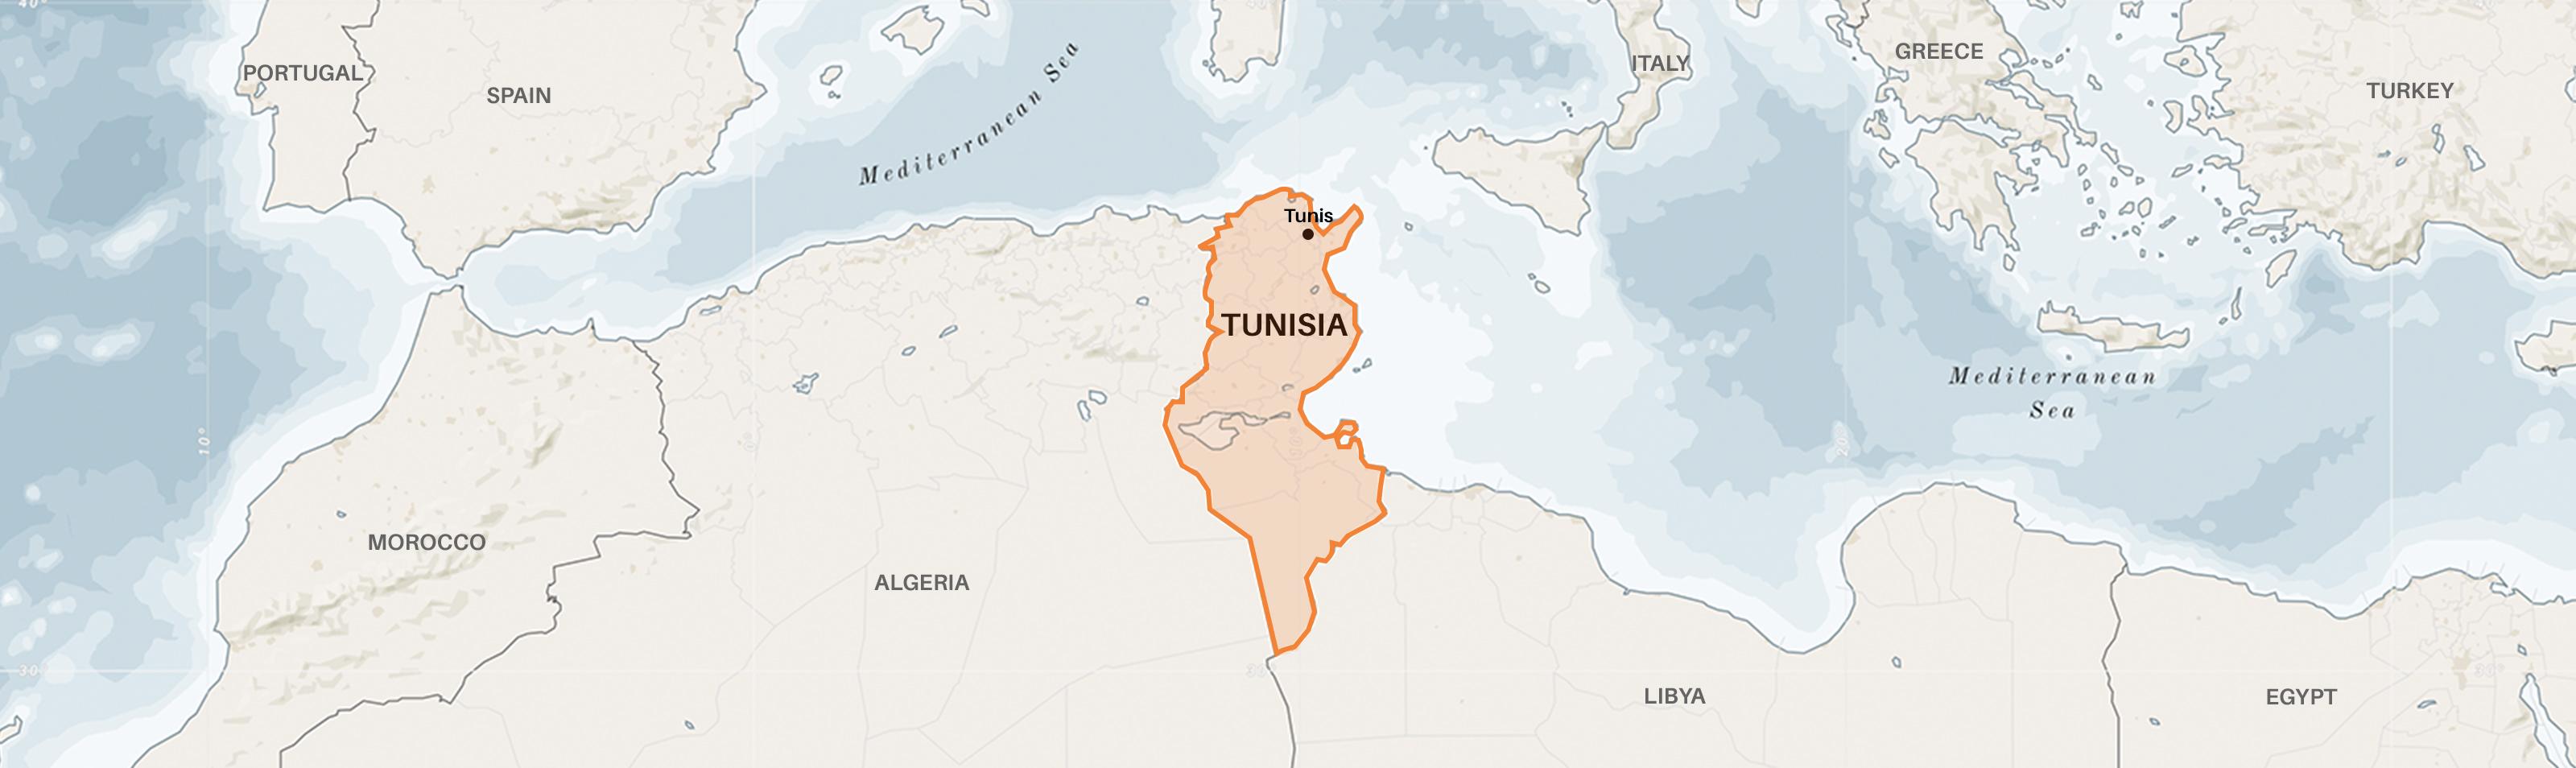 tunisia_flag